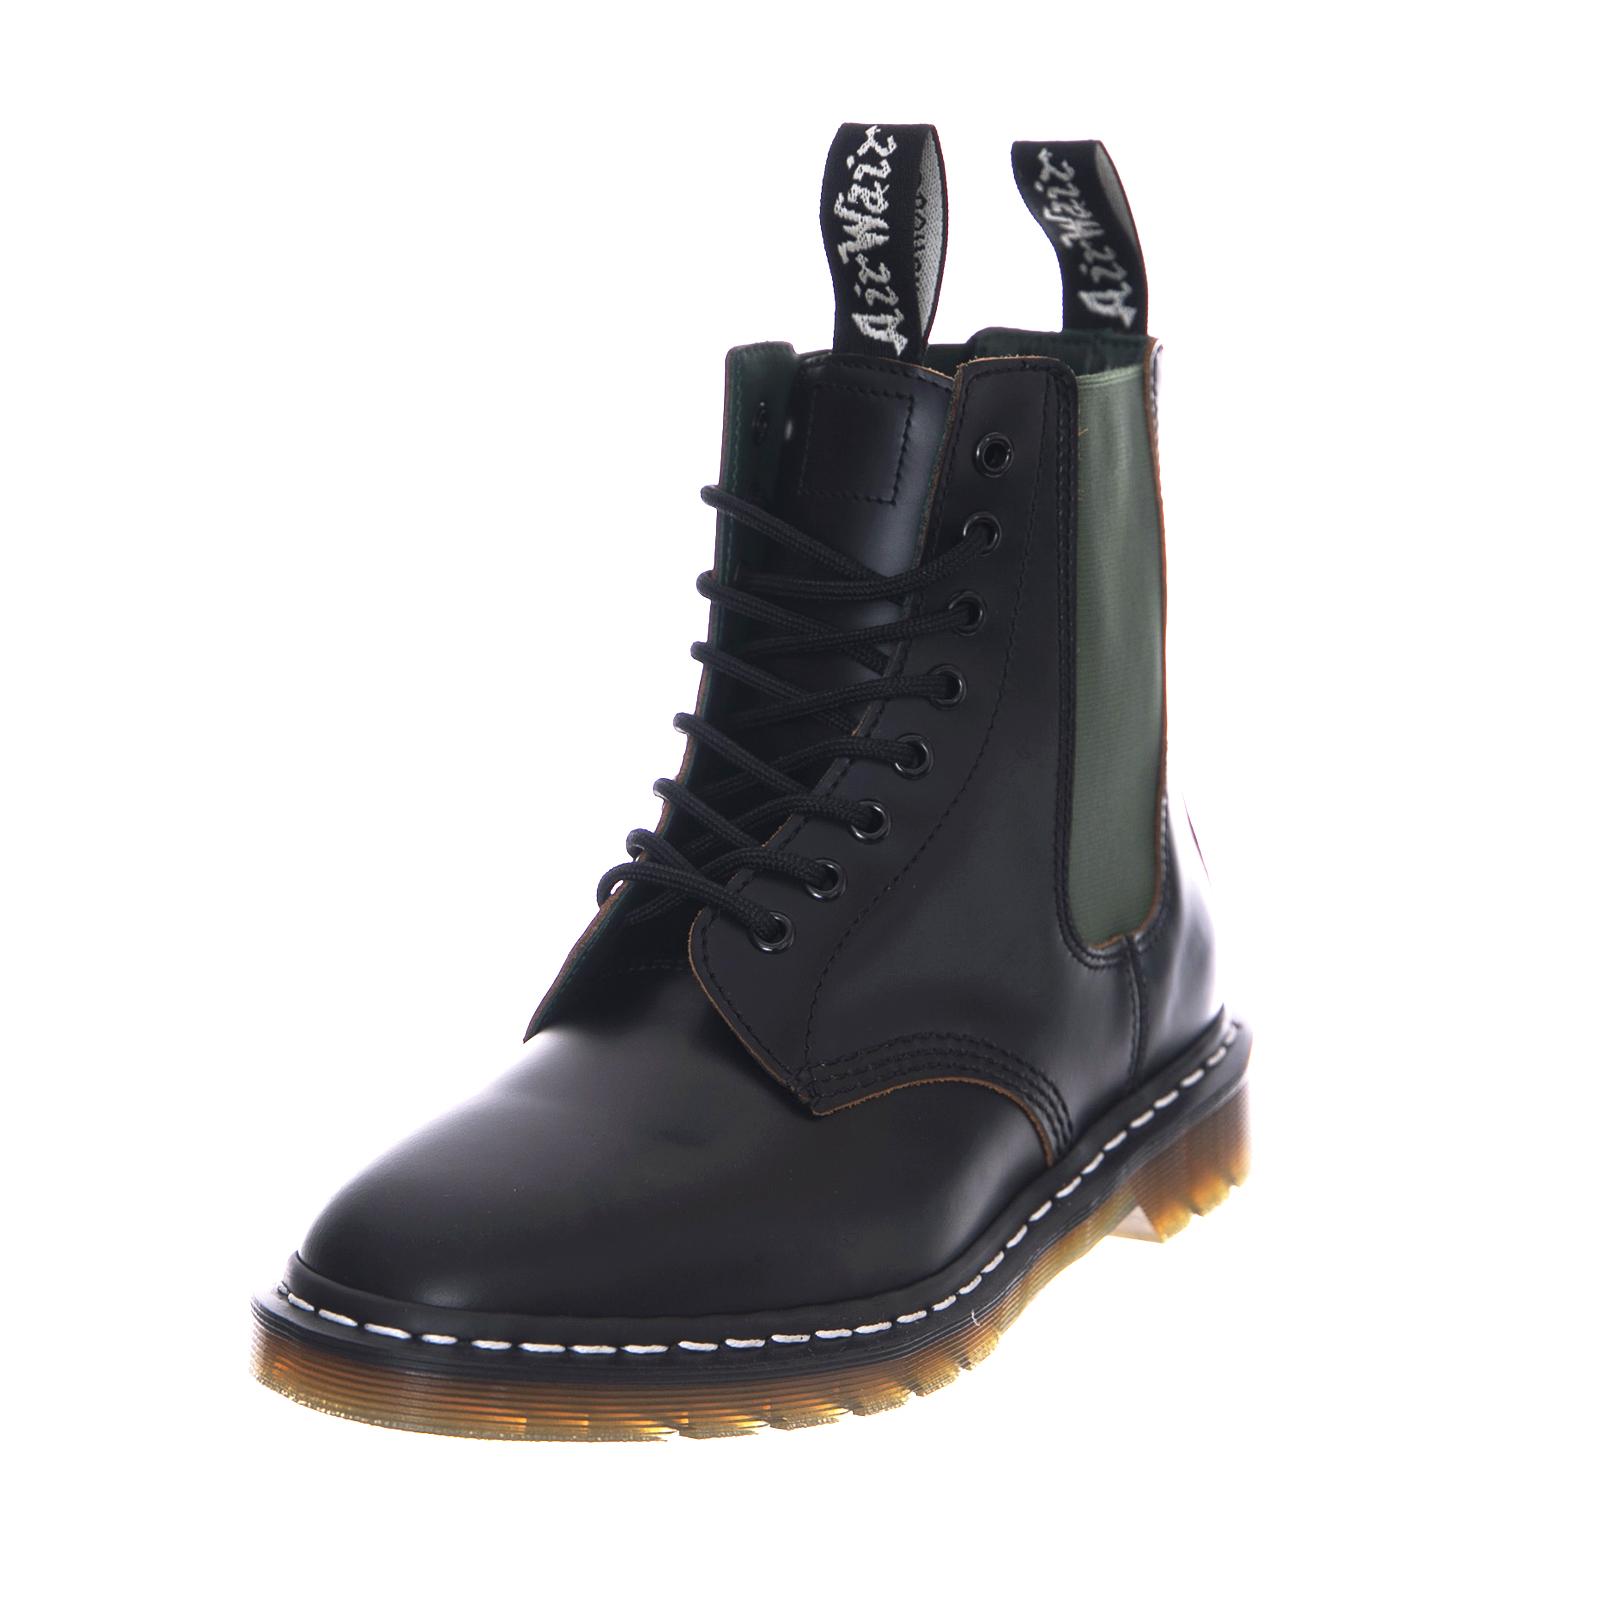 Details about Dr.Martens Boots 1460 Neighborhood Black Vintage Smooth Black